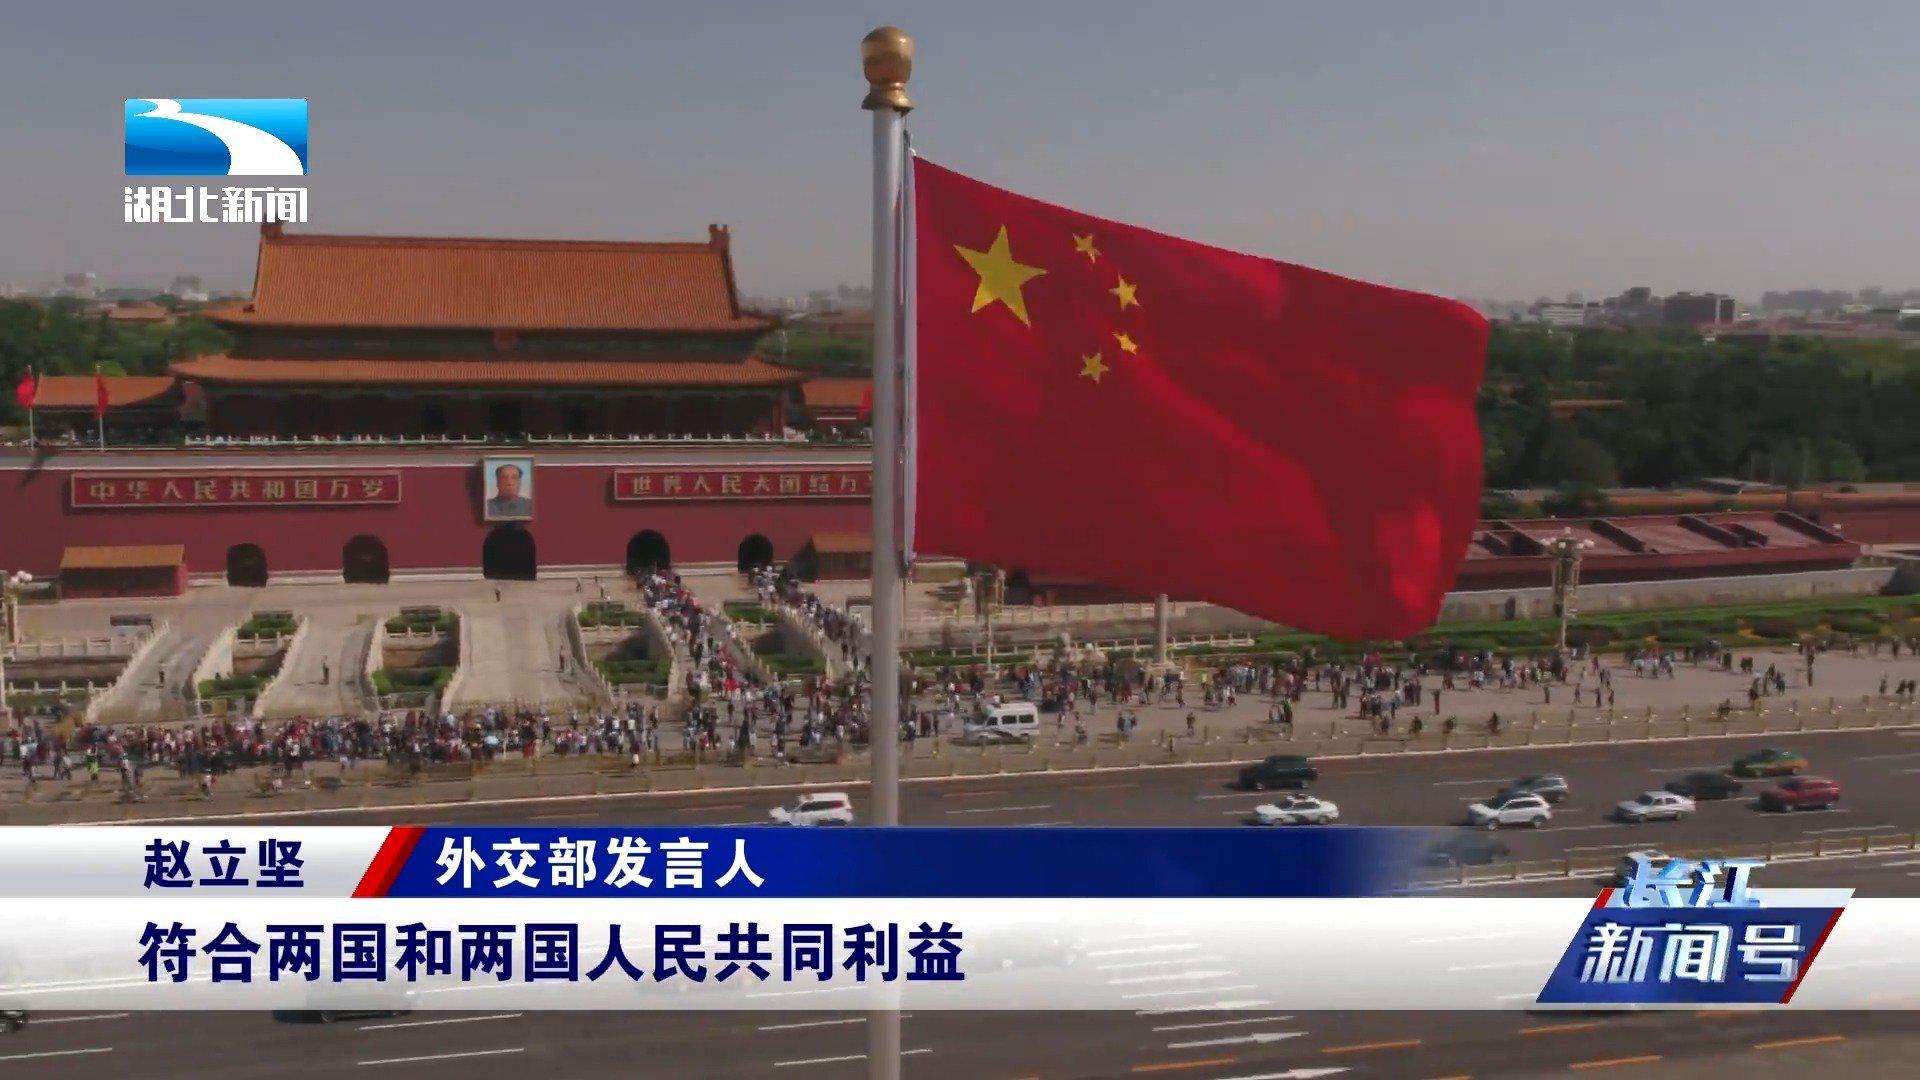 明明离不开, 澳大利亚 为何频频惹上中国?外交部直接正面硬刚!